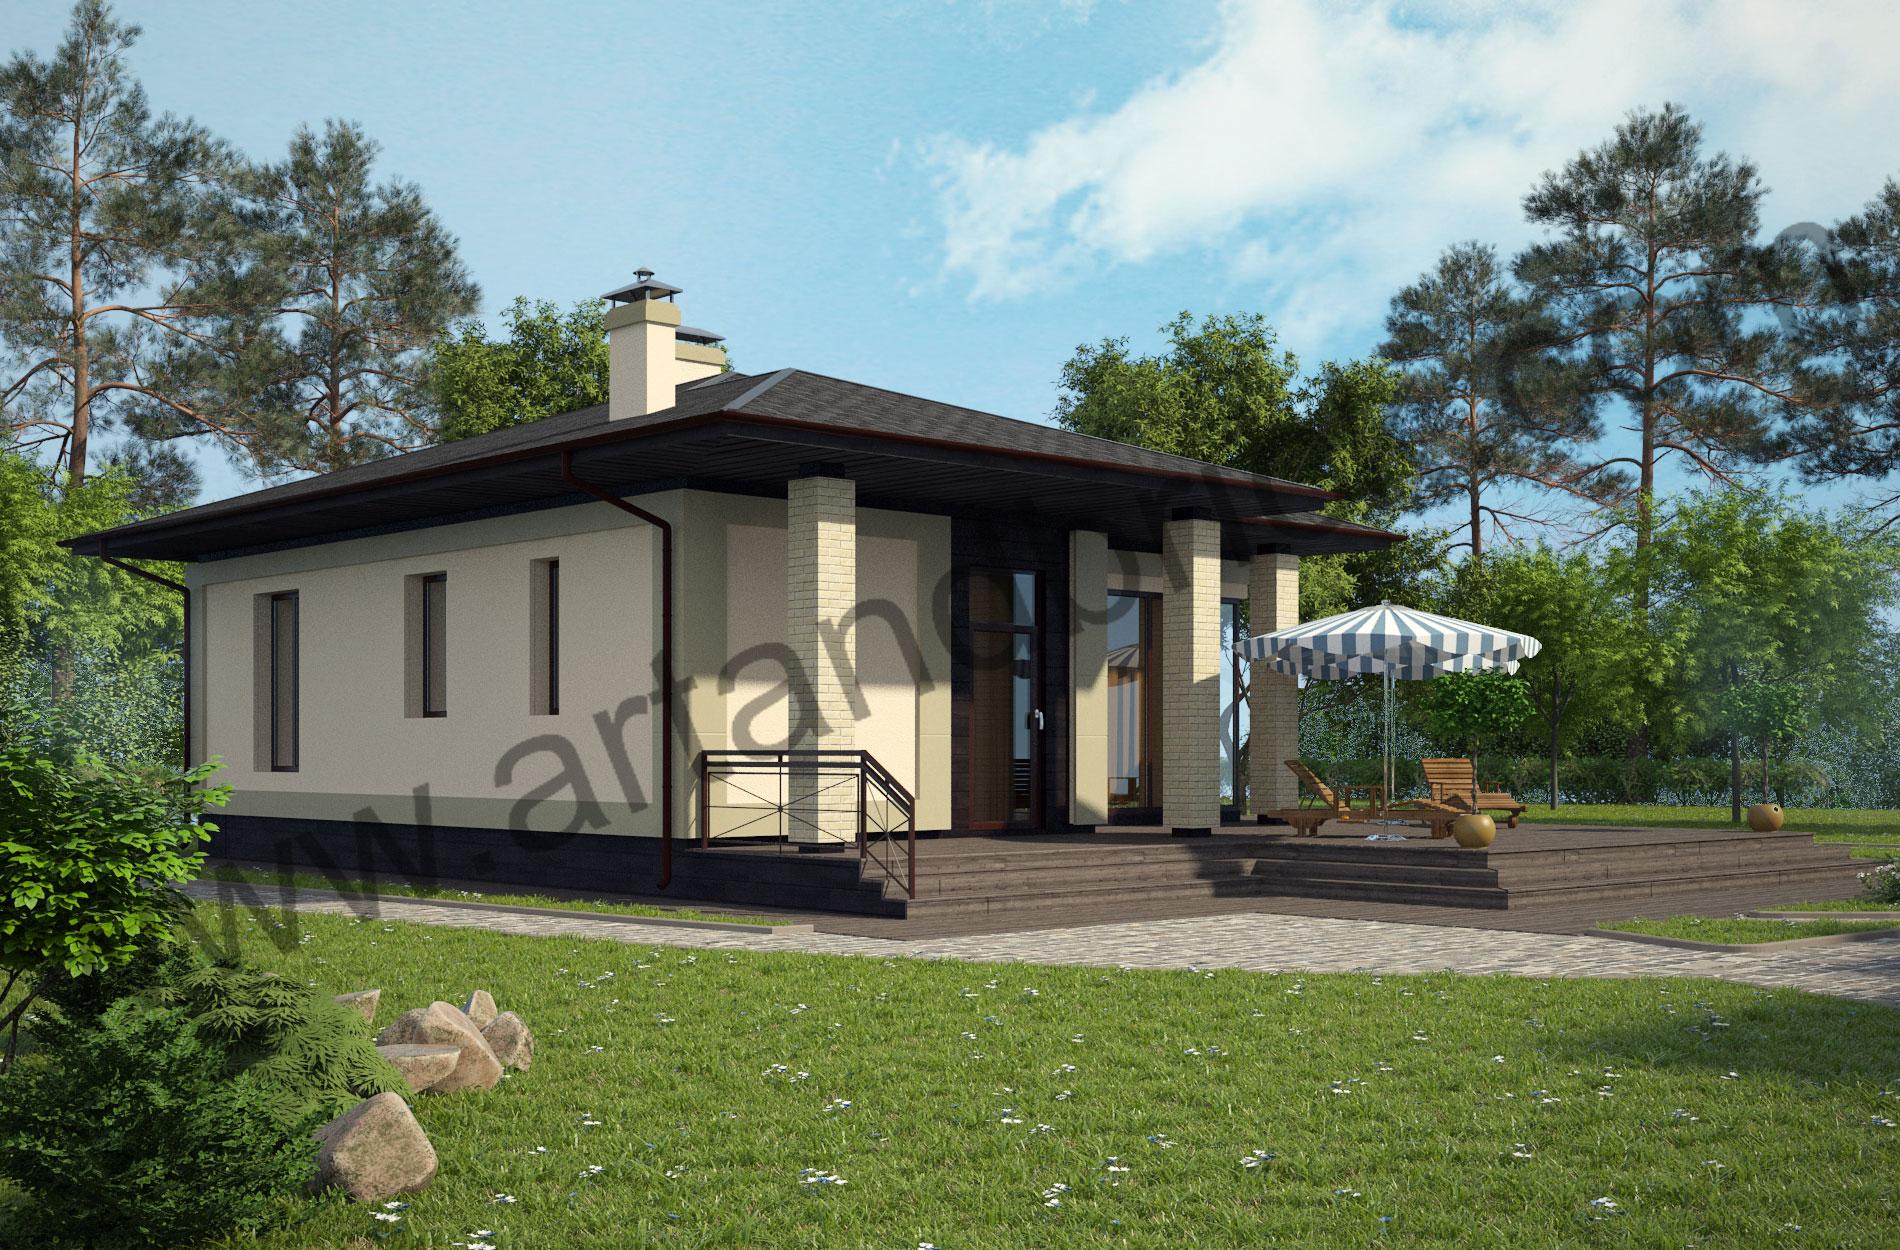 Проект дома c баней в современном стиле – боковой и главный фасады бани. Площадь современного коттеджа – 253 кв.м., площадь бани – 85 кв.м.